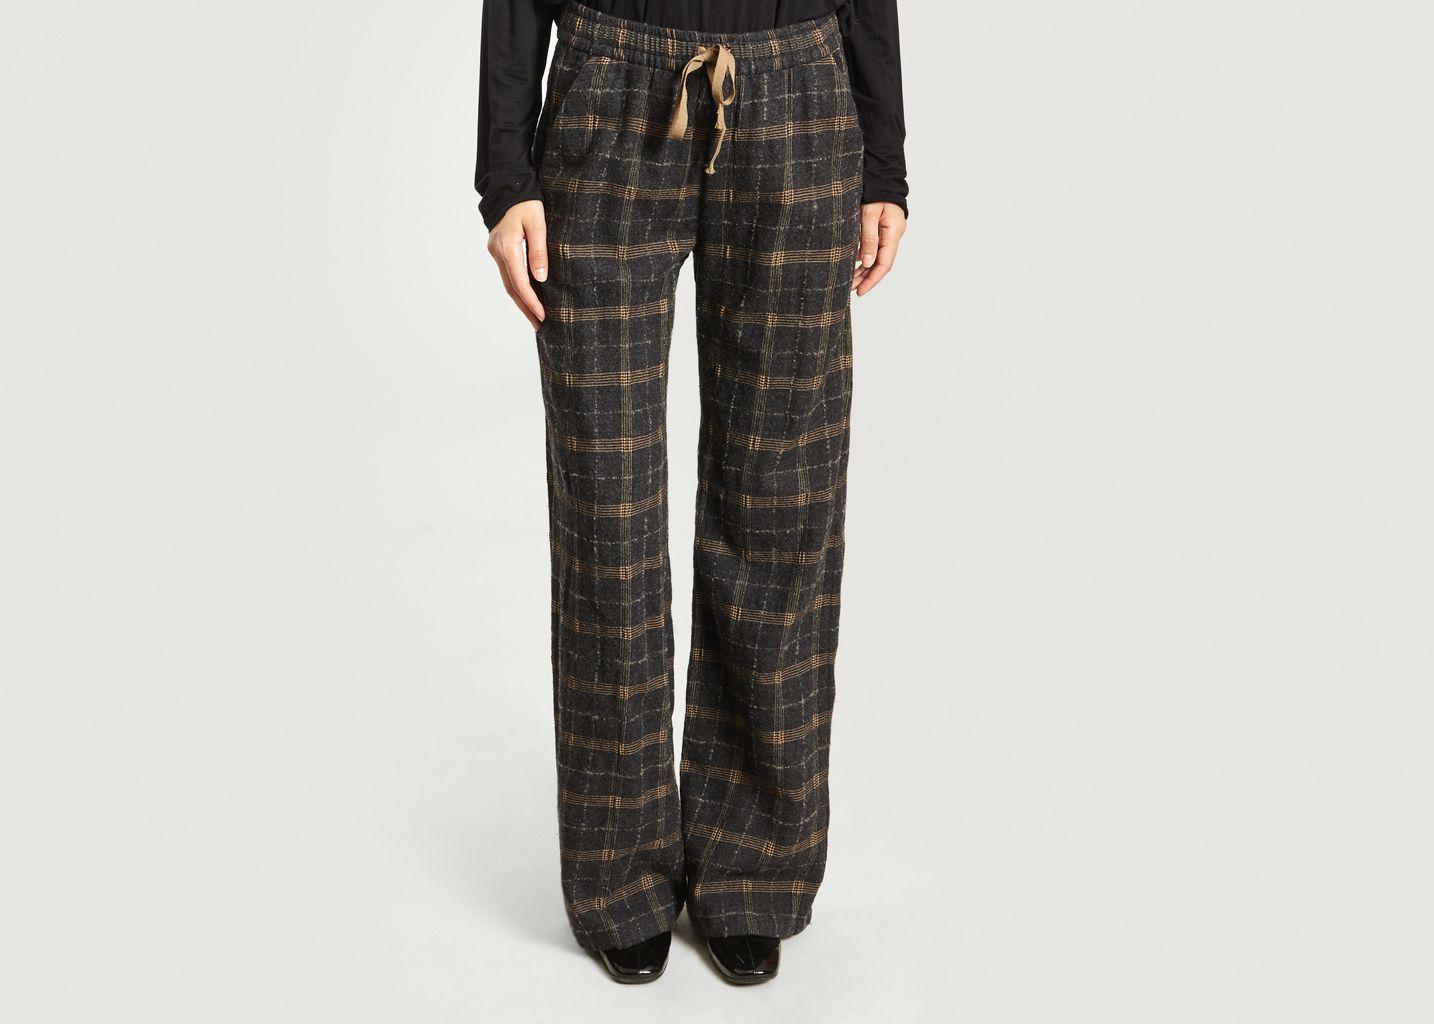 Pantalon Pompeo - Diega